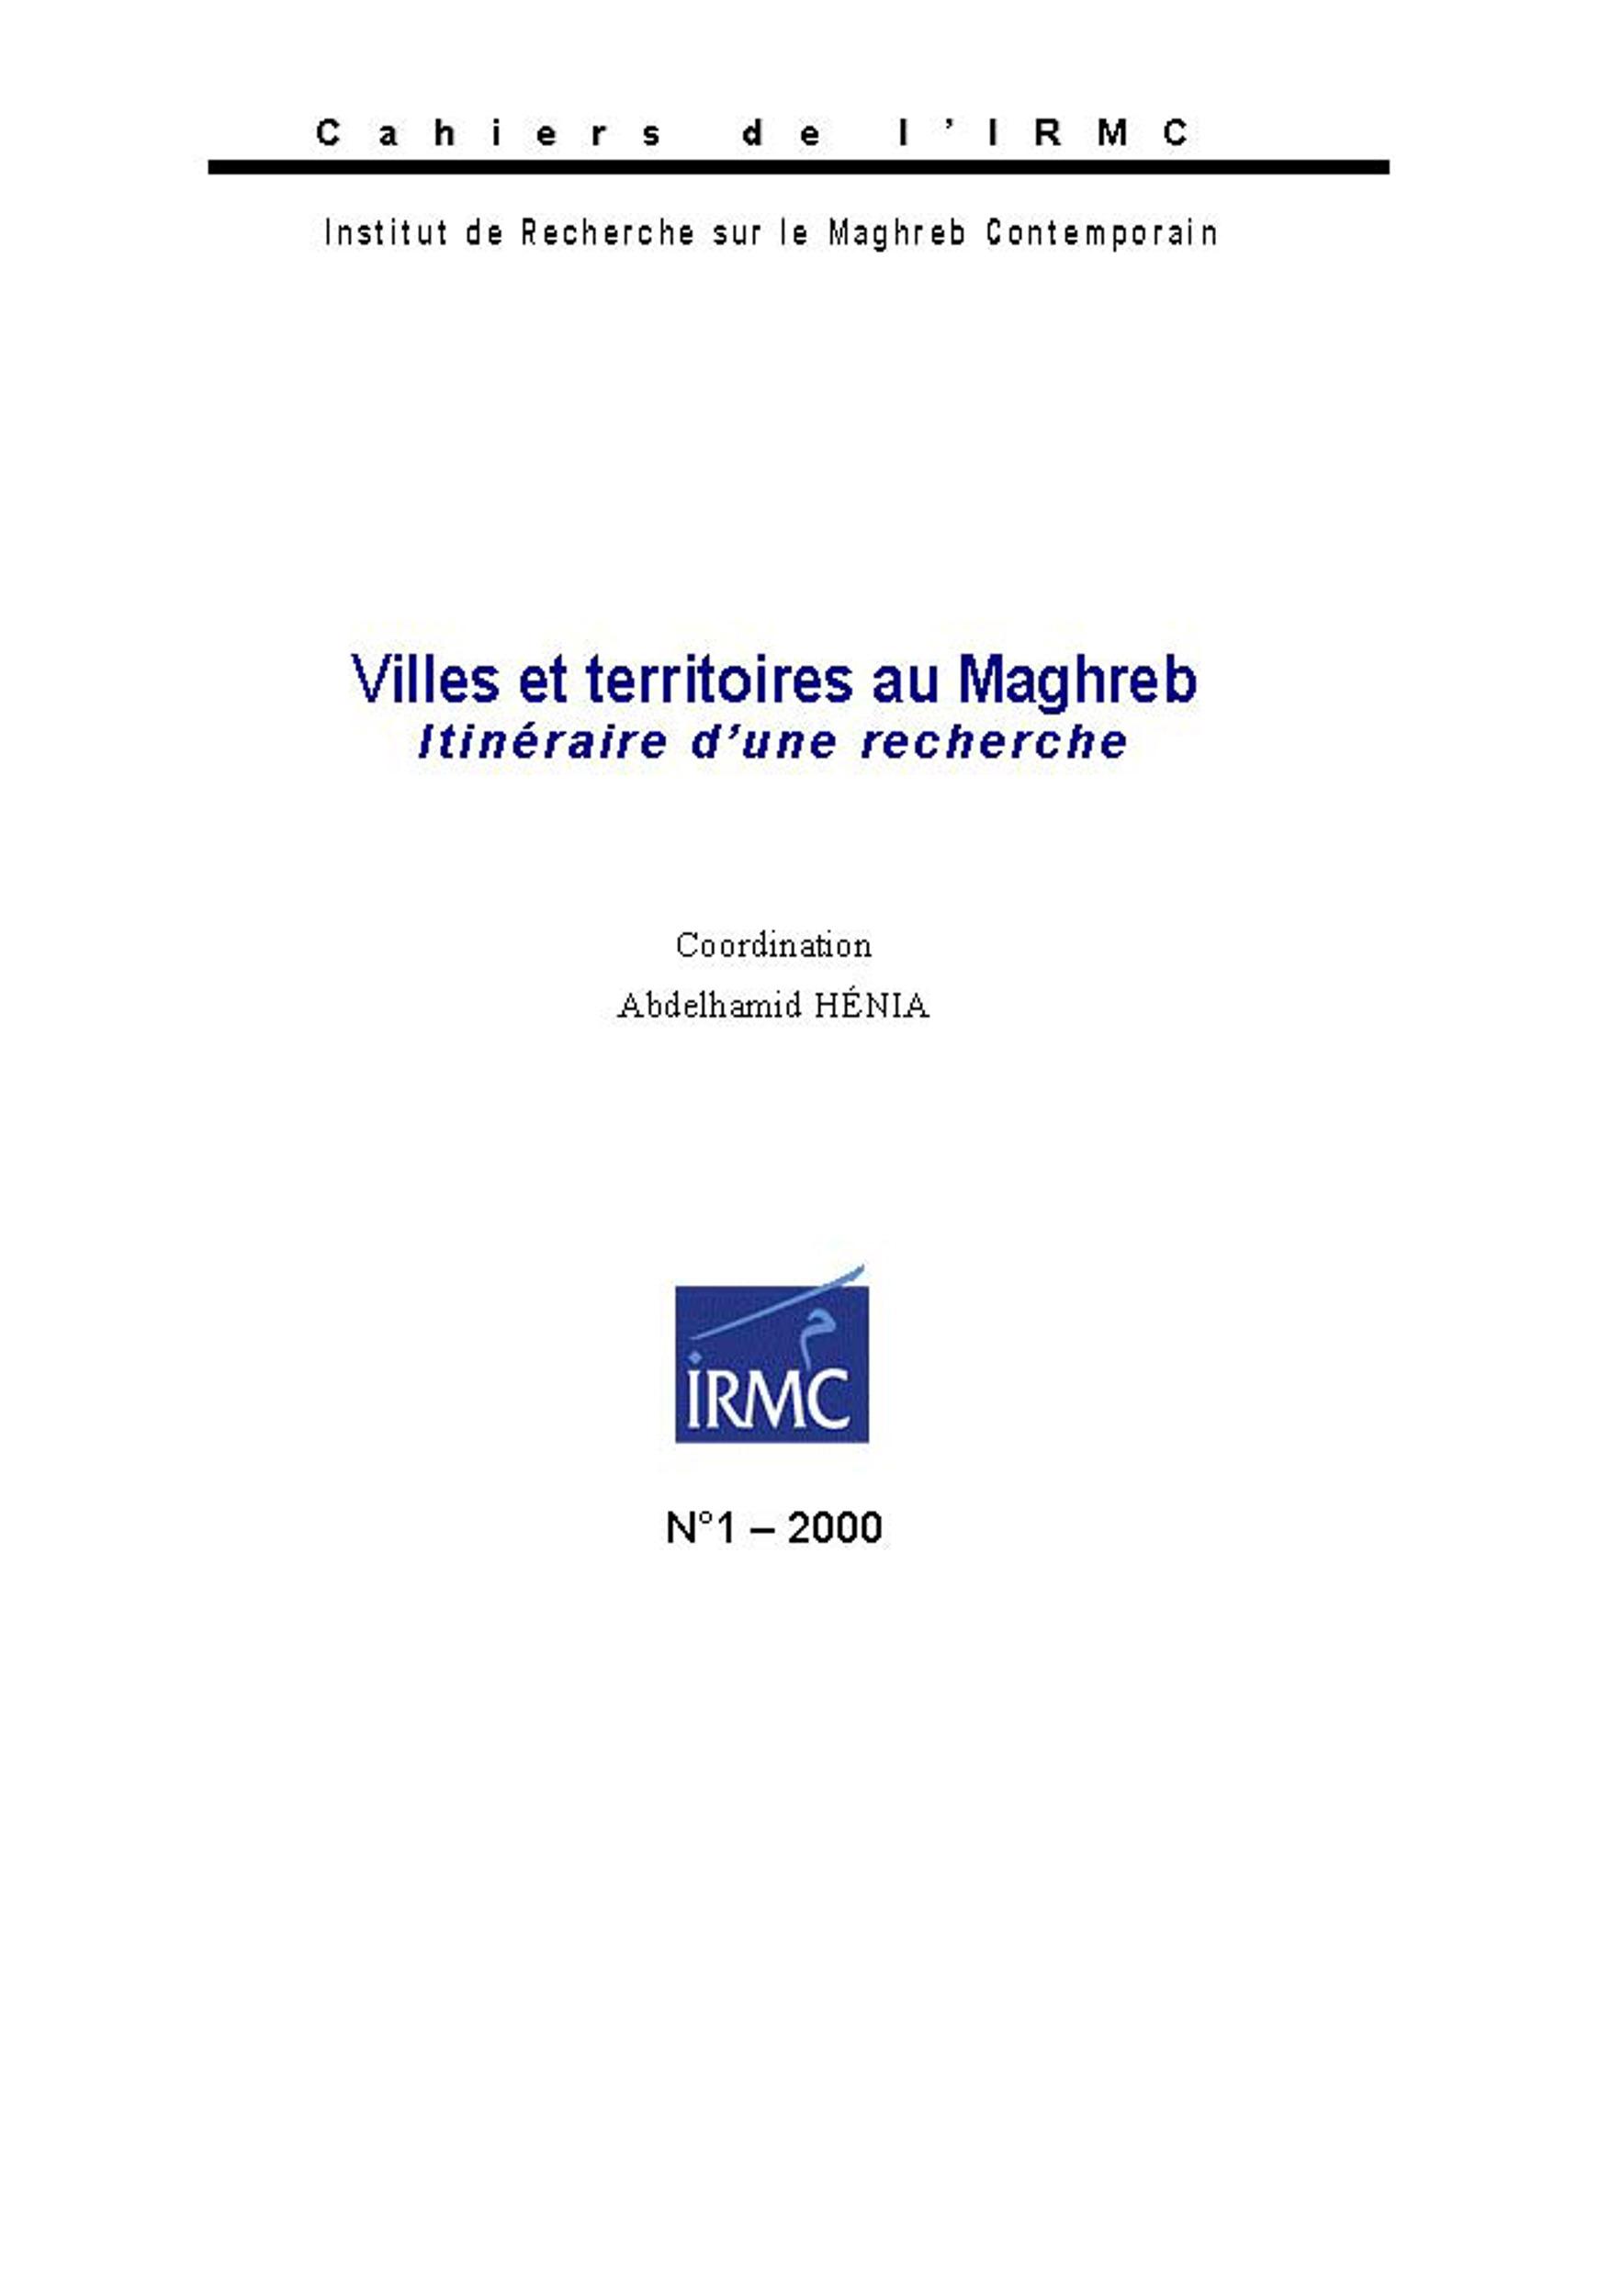 Villes et territoires au Maghreb